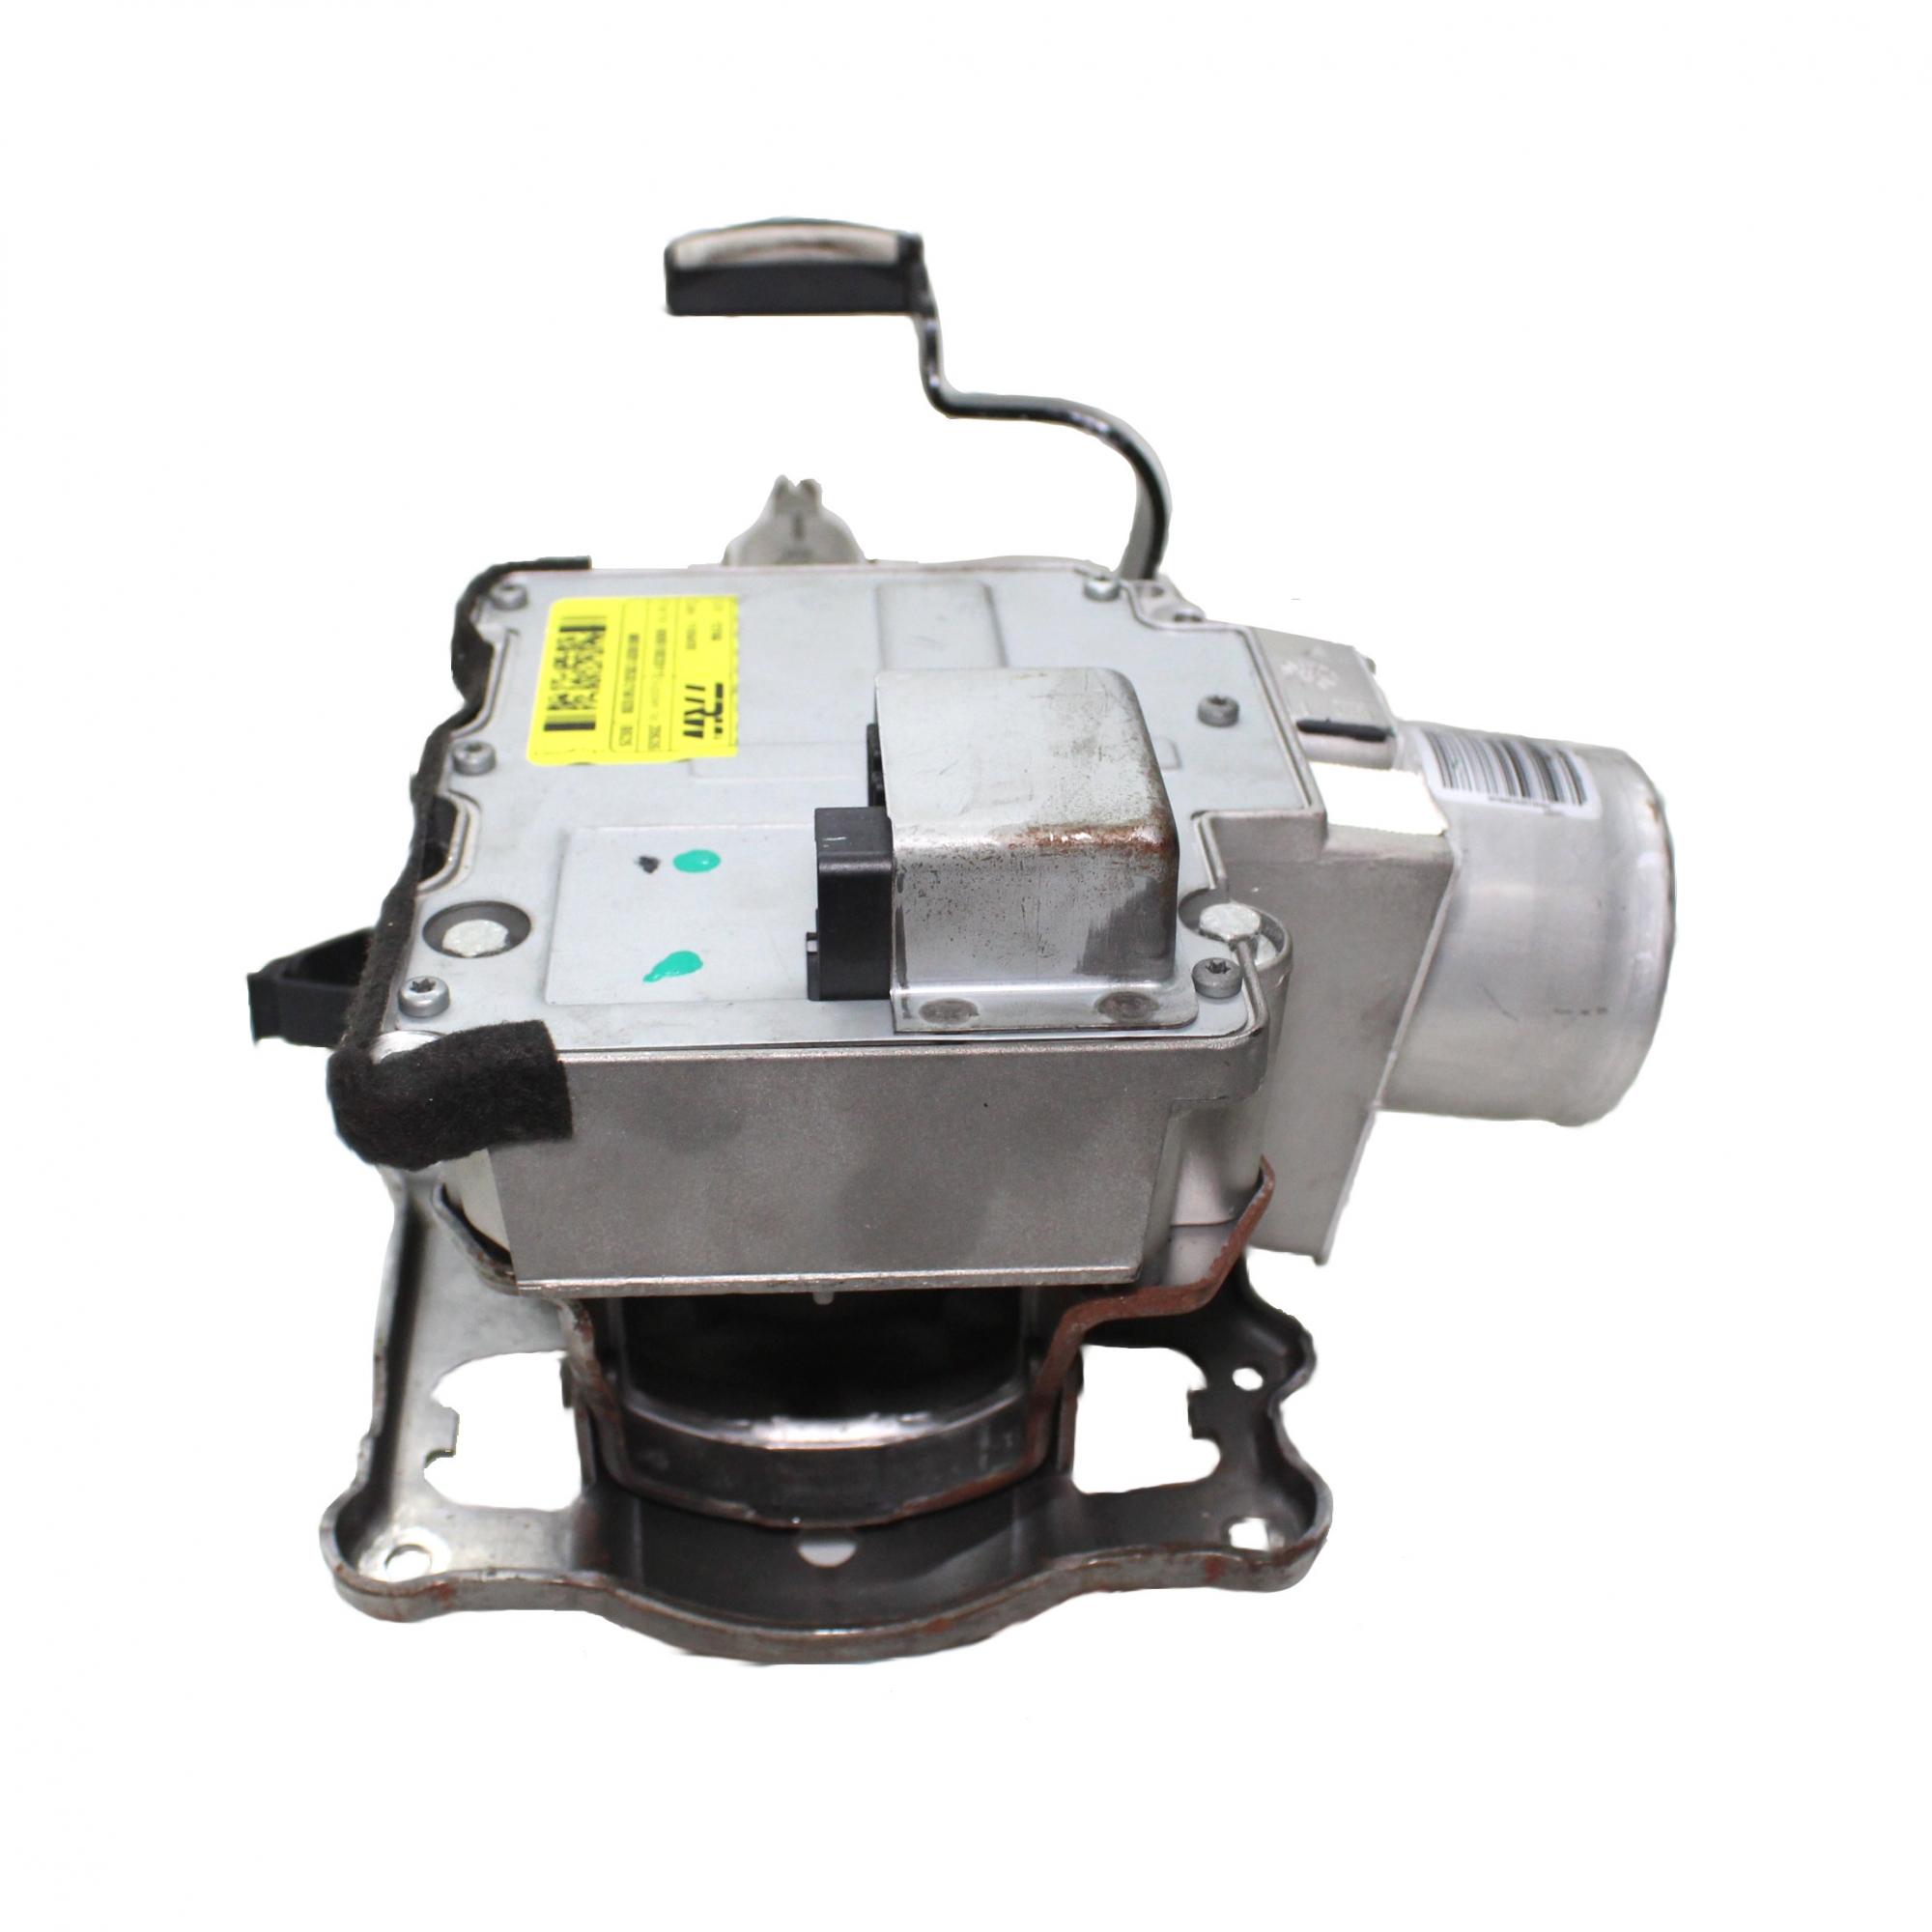 Motor Coluna Direção Elétrica Fiat Stilo 03...15